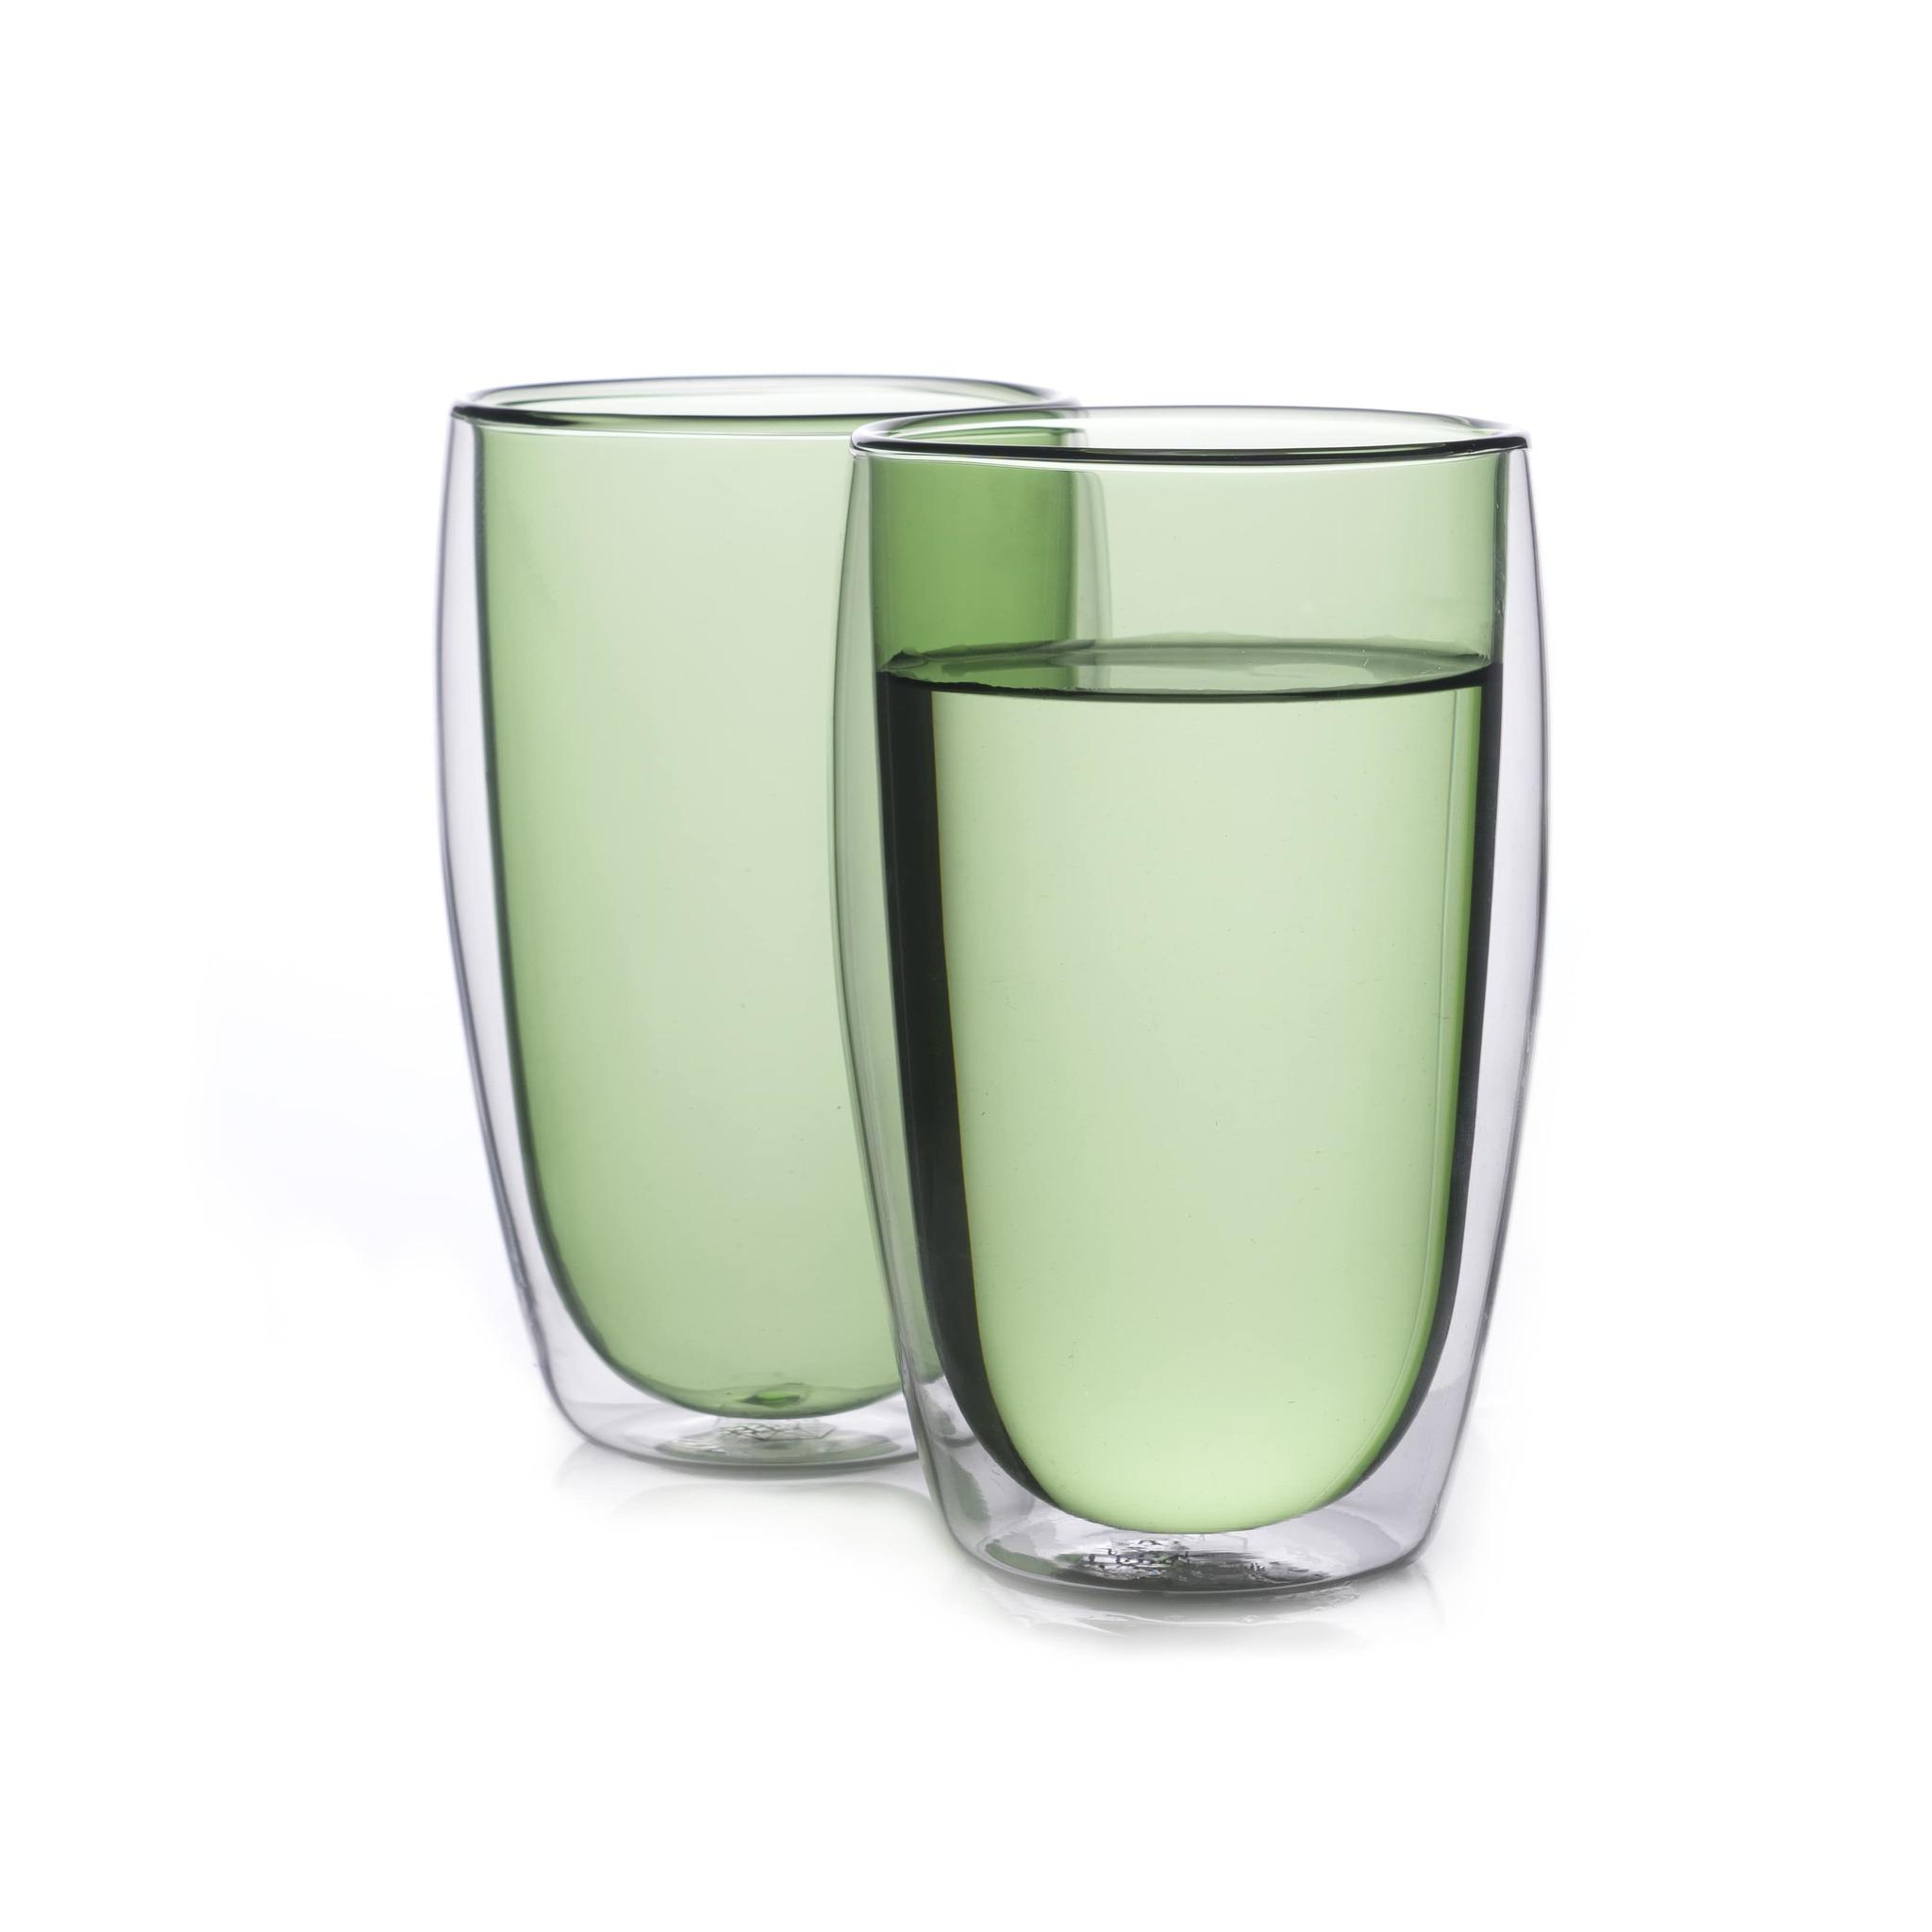 Наборы-Акции Набор стаканов из двойного стекла зеленого цвета 450 мл, 2 шт. зеленый1-min.jpg